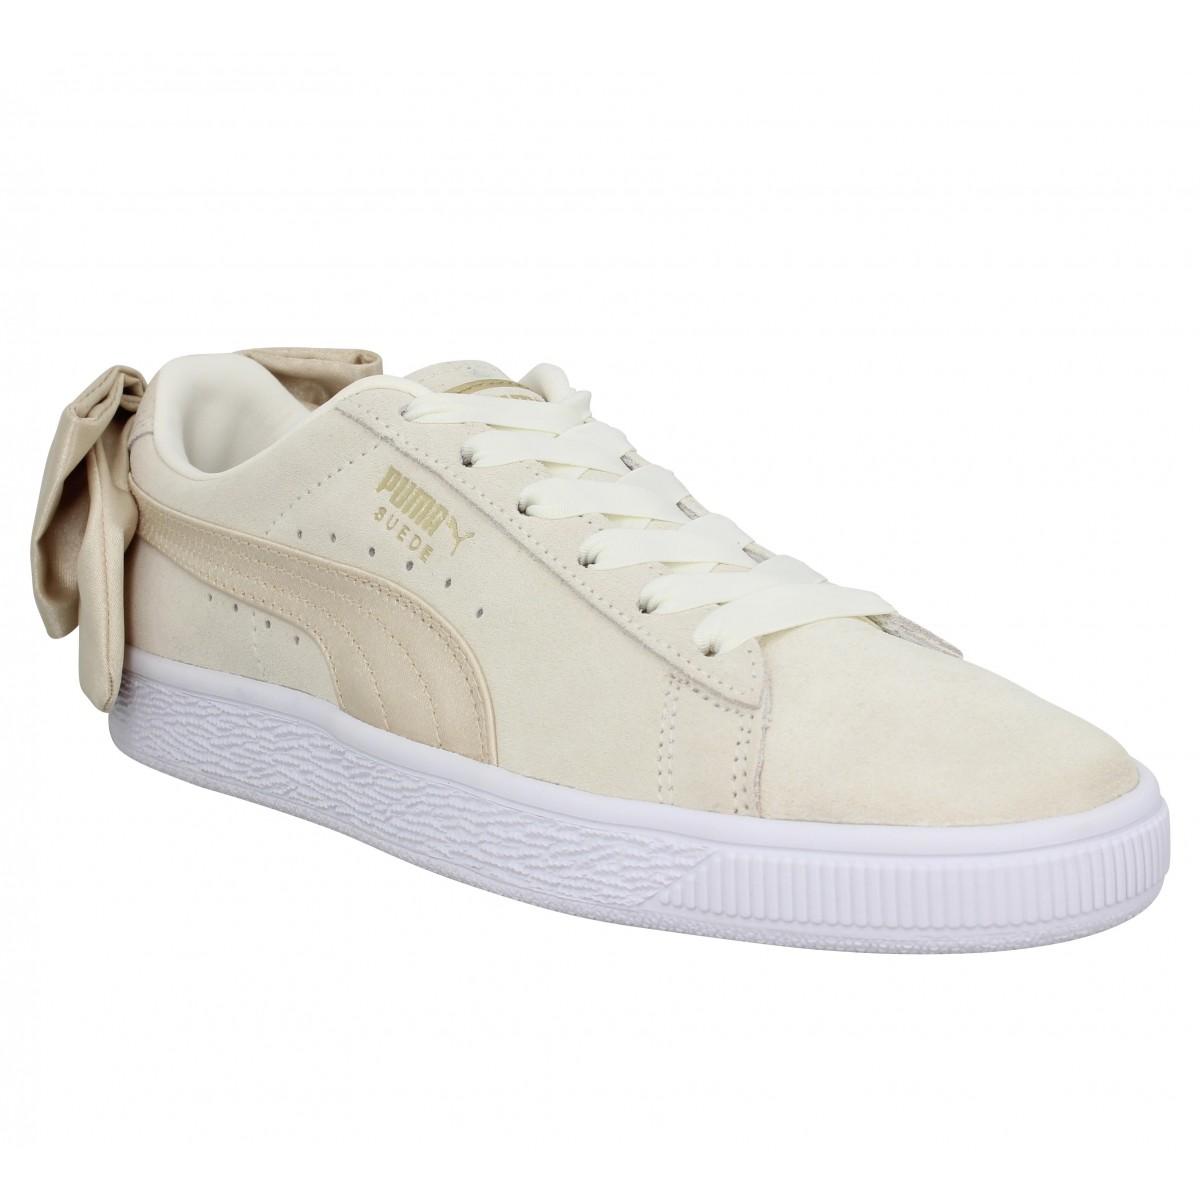 chaussures puma suede femmes